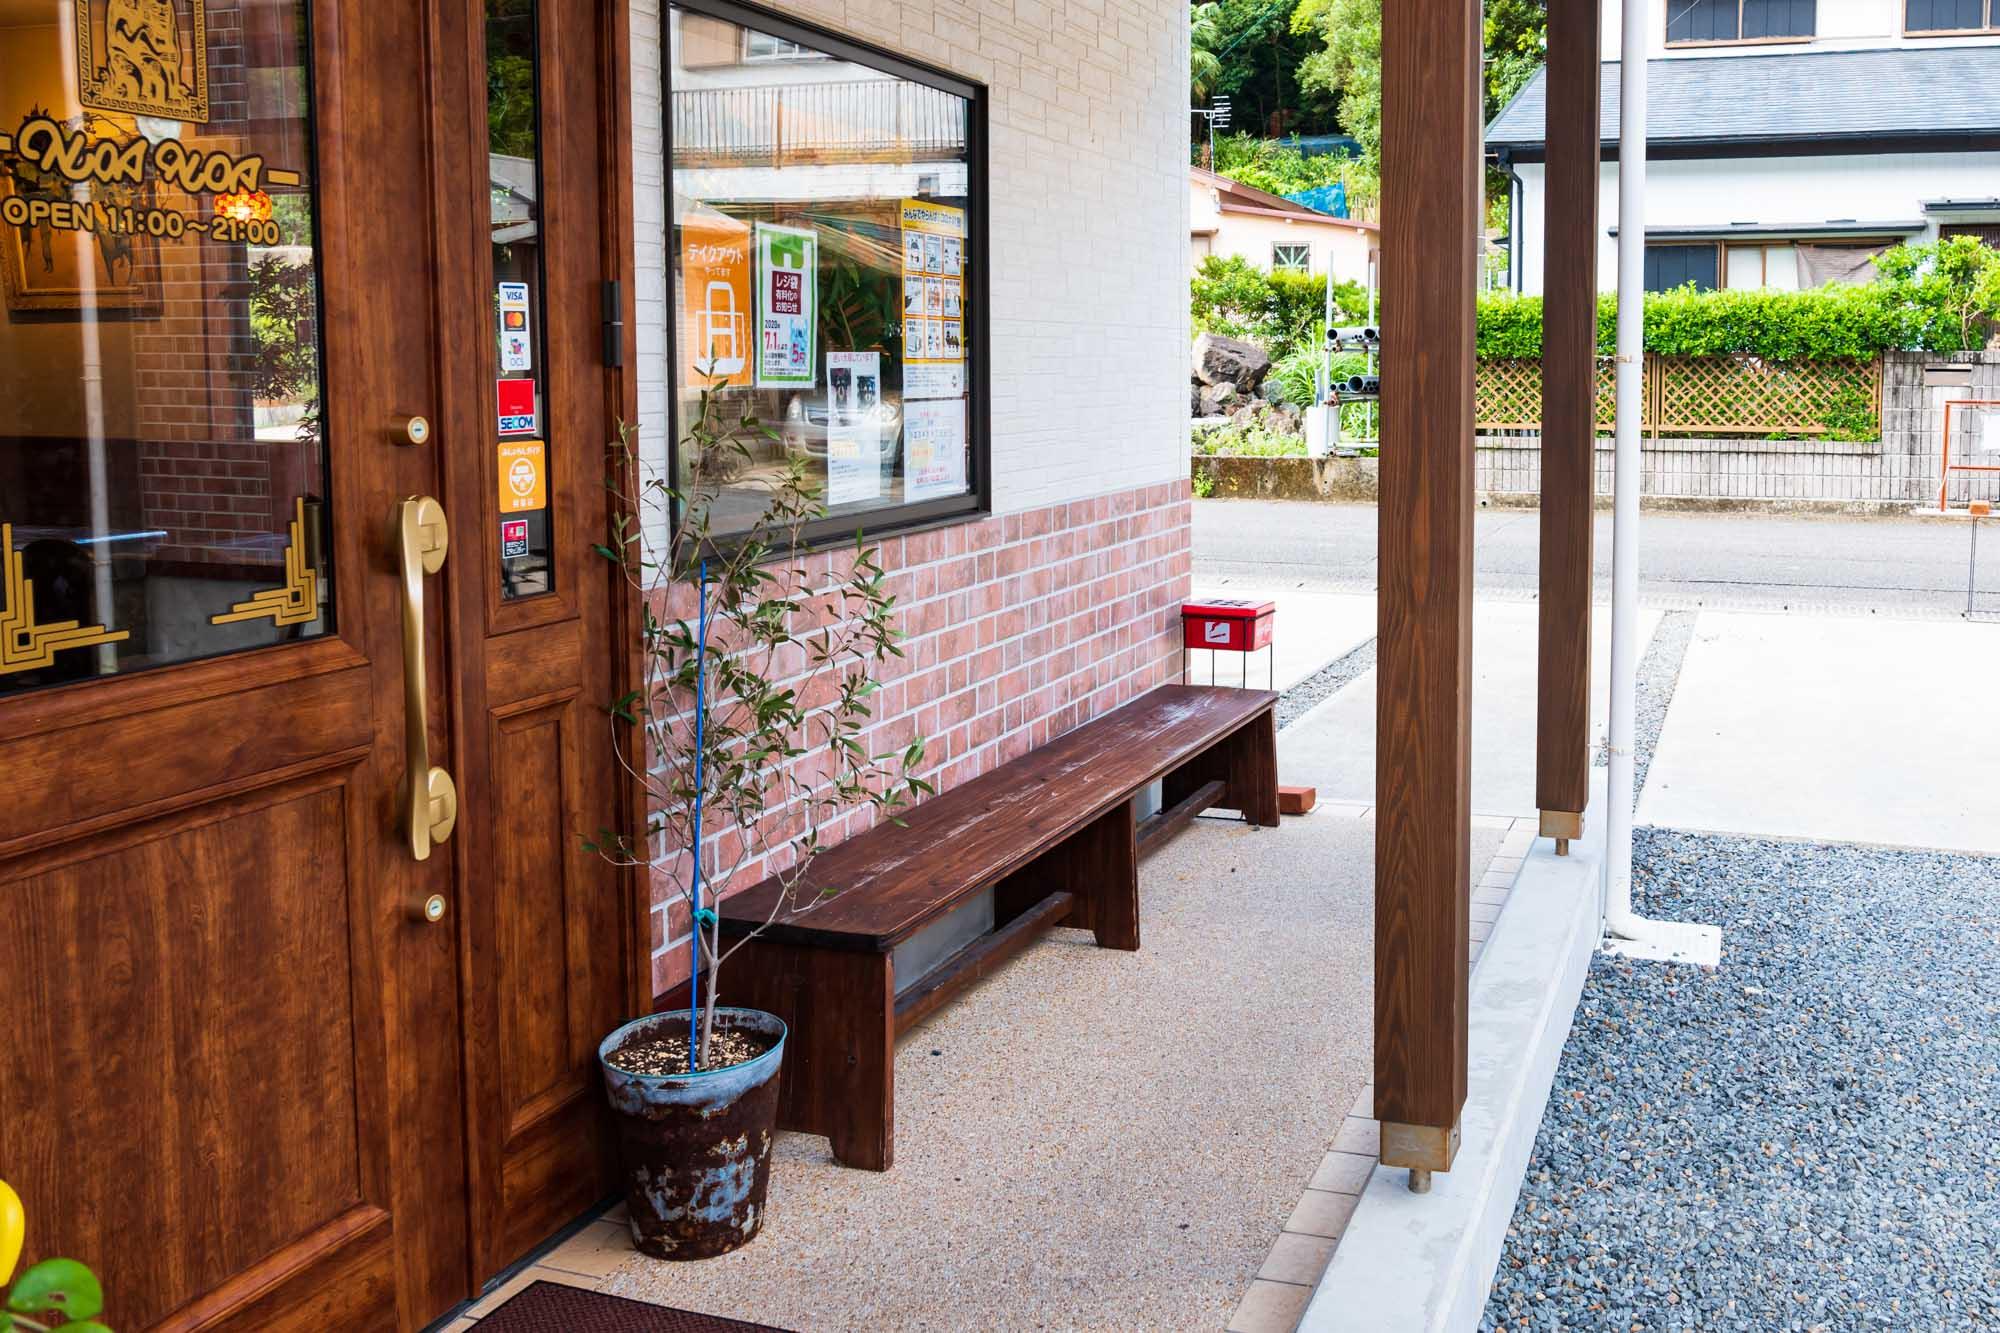 カレー専門店 NOANOA(ノアノア)内観写真 奄美信用組合キャッシュレス決済可能店